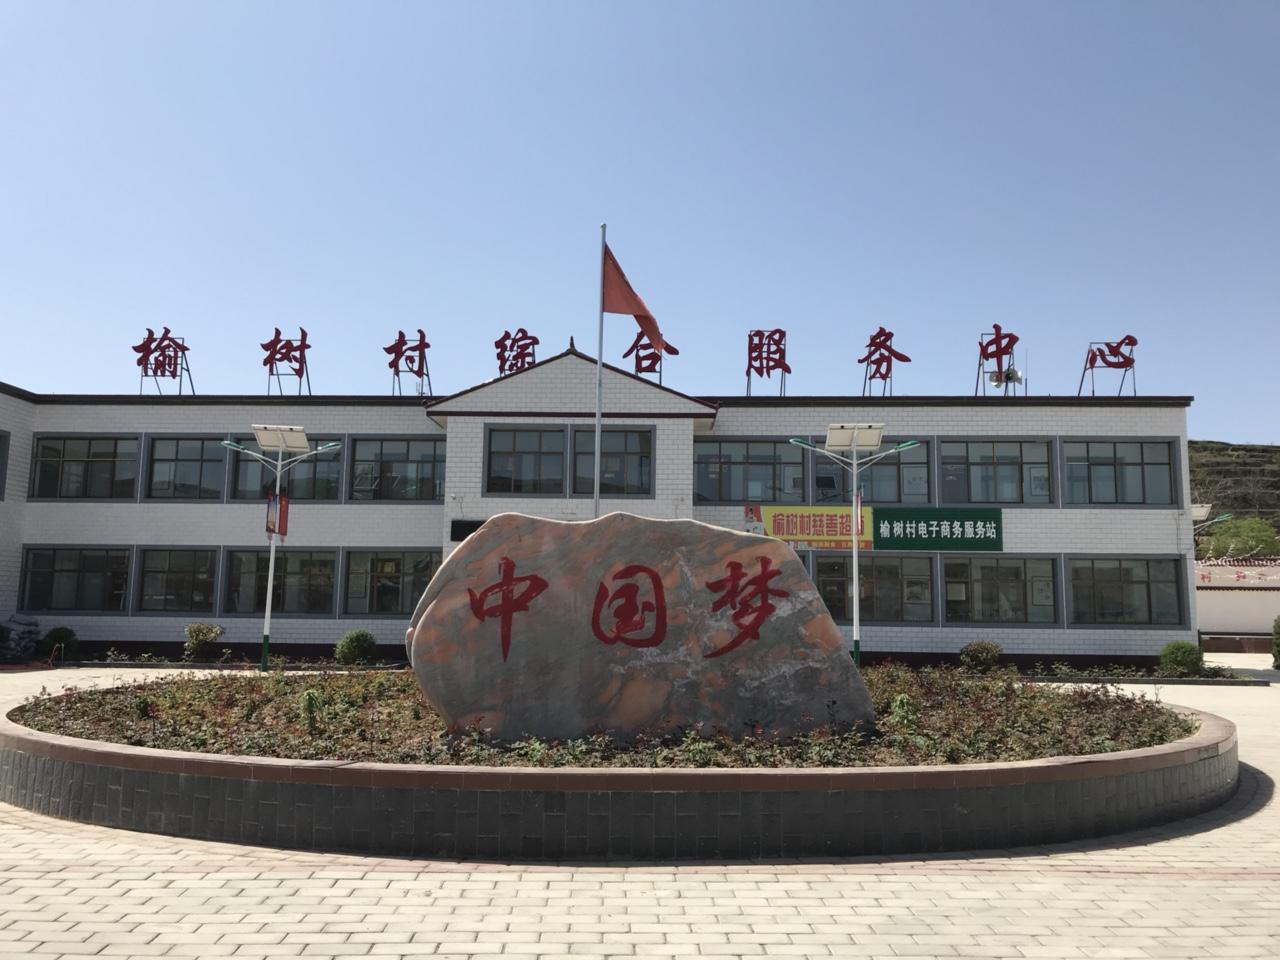 【文化惠民】龙山镇榆树村综合文化服务中心风采